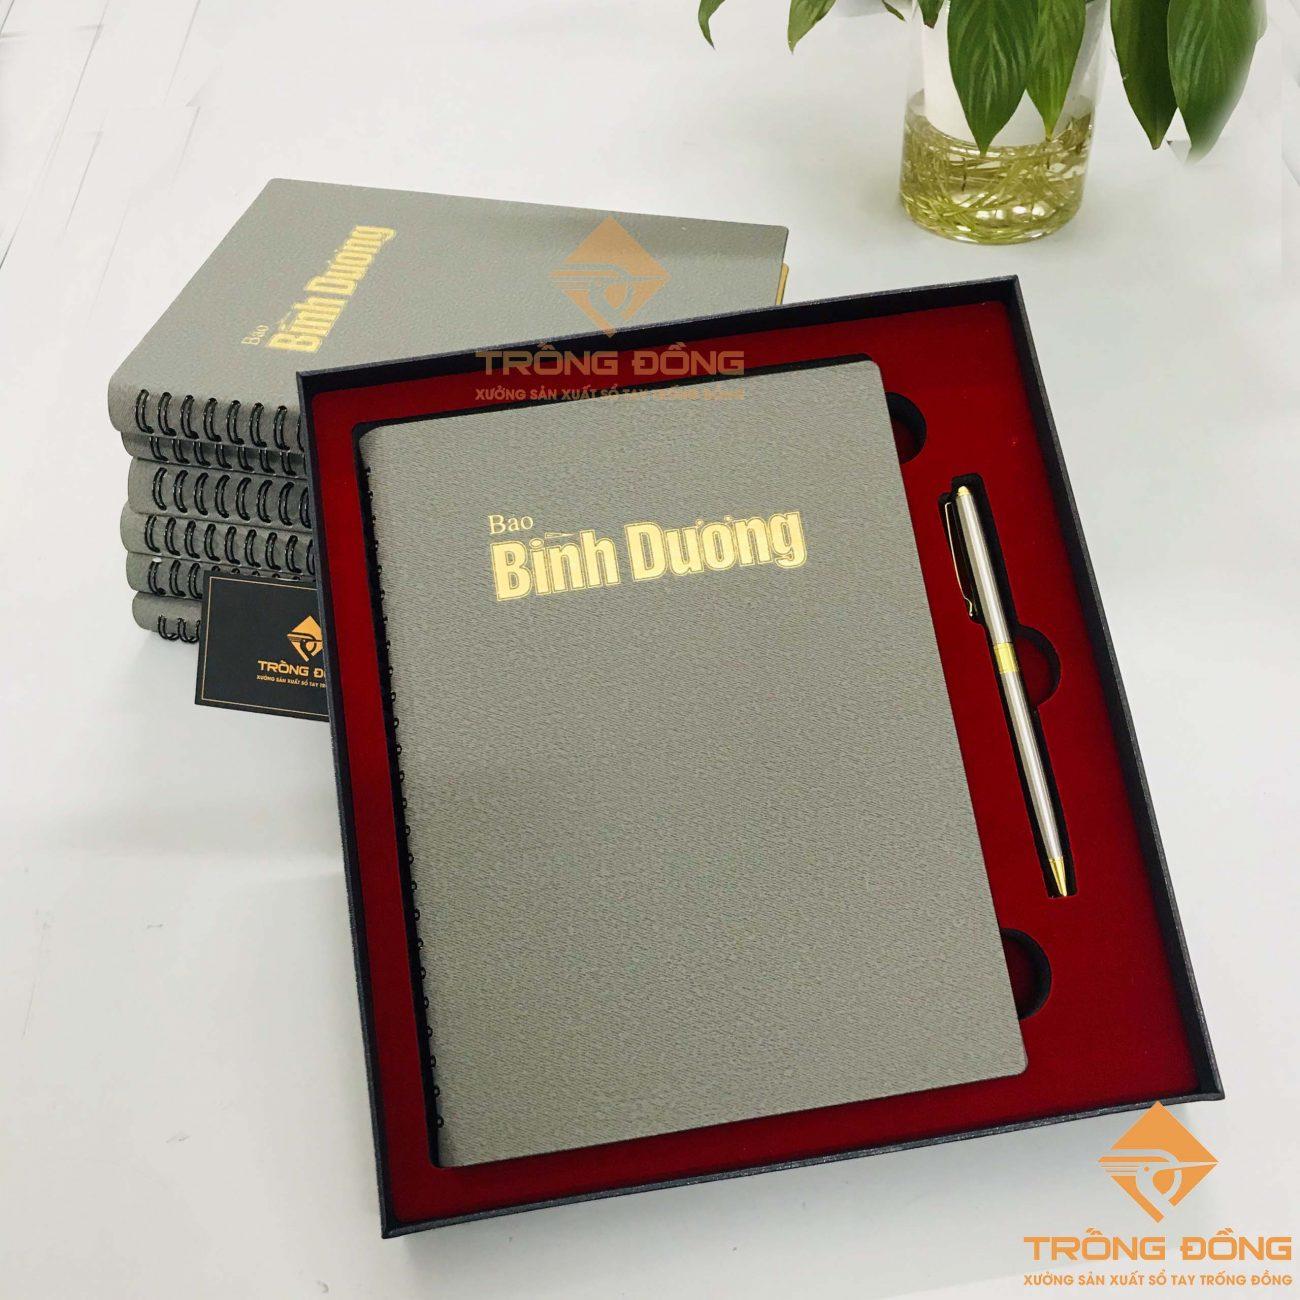 Sổ da gáy lò xo và bút kim loại - Món quà sang trọng và đẳng cấp dành cho doanh nghiệp.